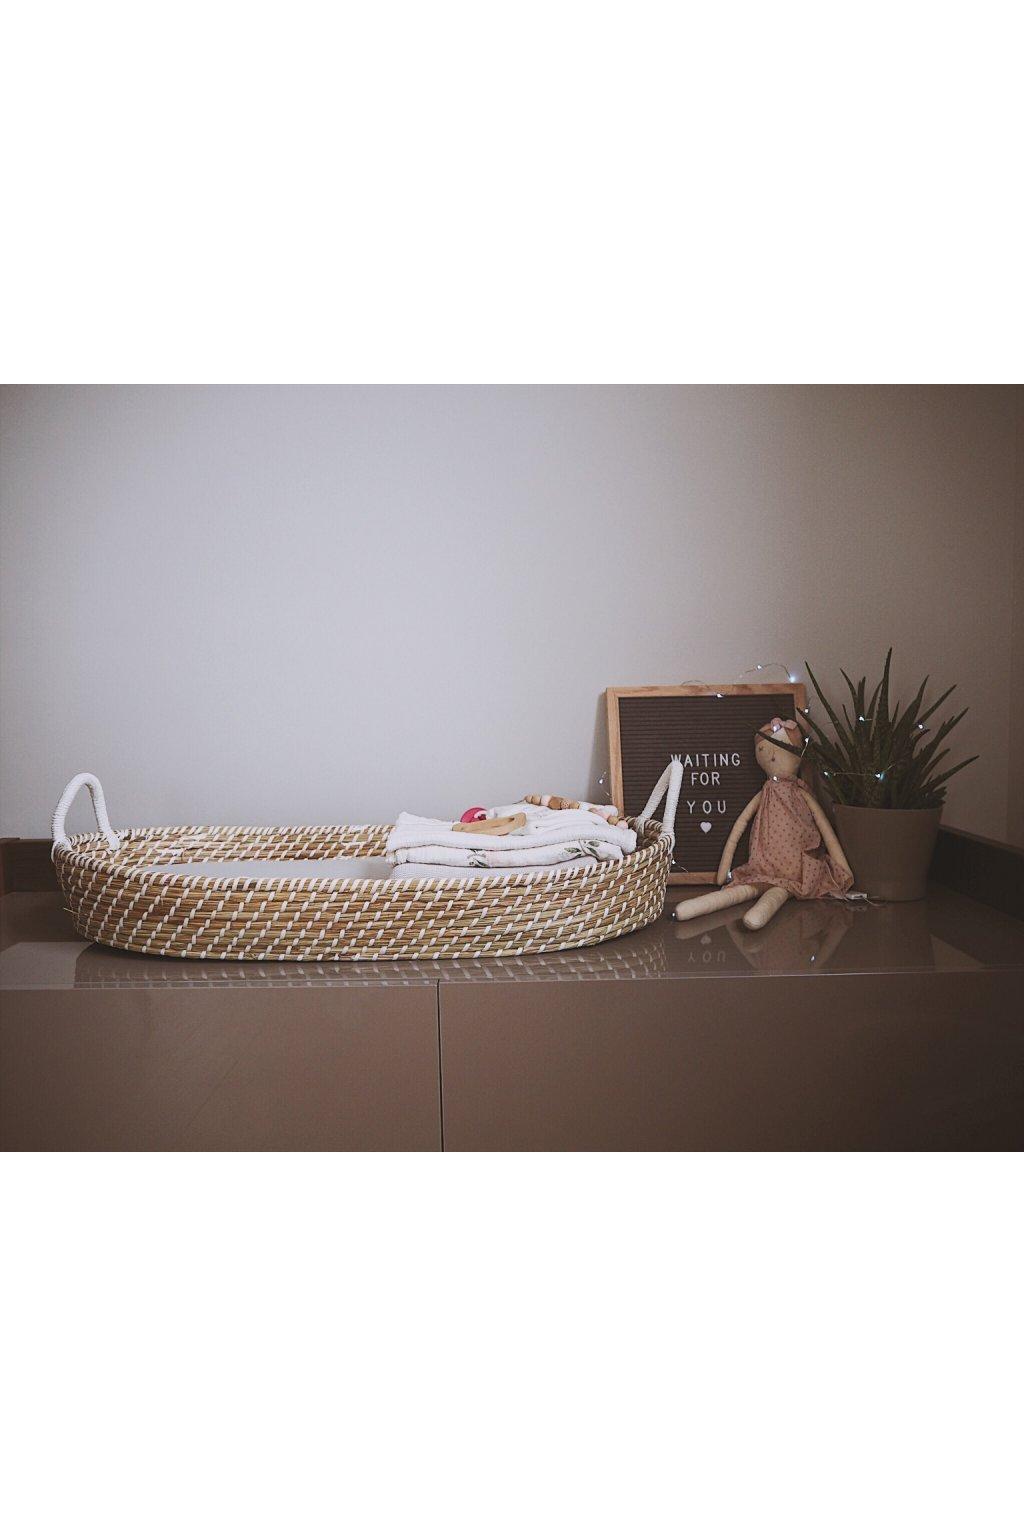 Ahojbaby Přebalovací košík pro miminko Smart Basket natural + podložka